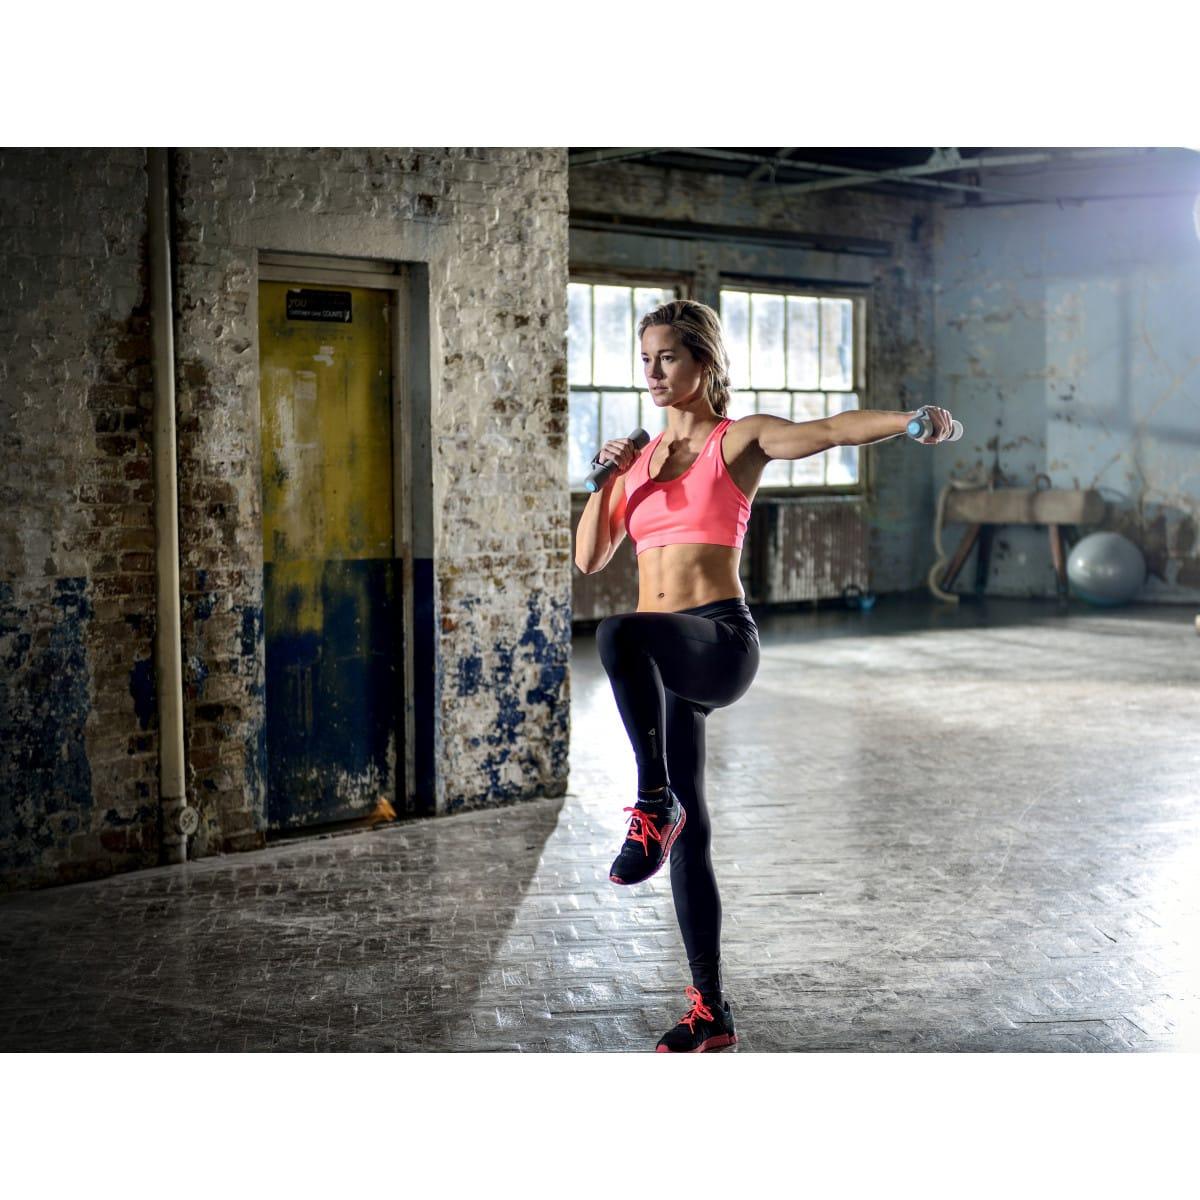 Reebok Paire d'haltères gris 0,5 kg Soft-Grip, Femme en plein sport 3